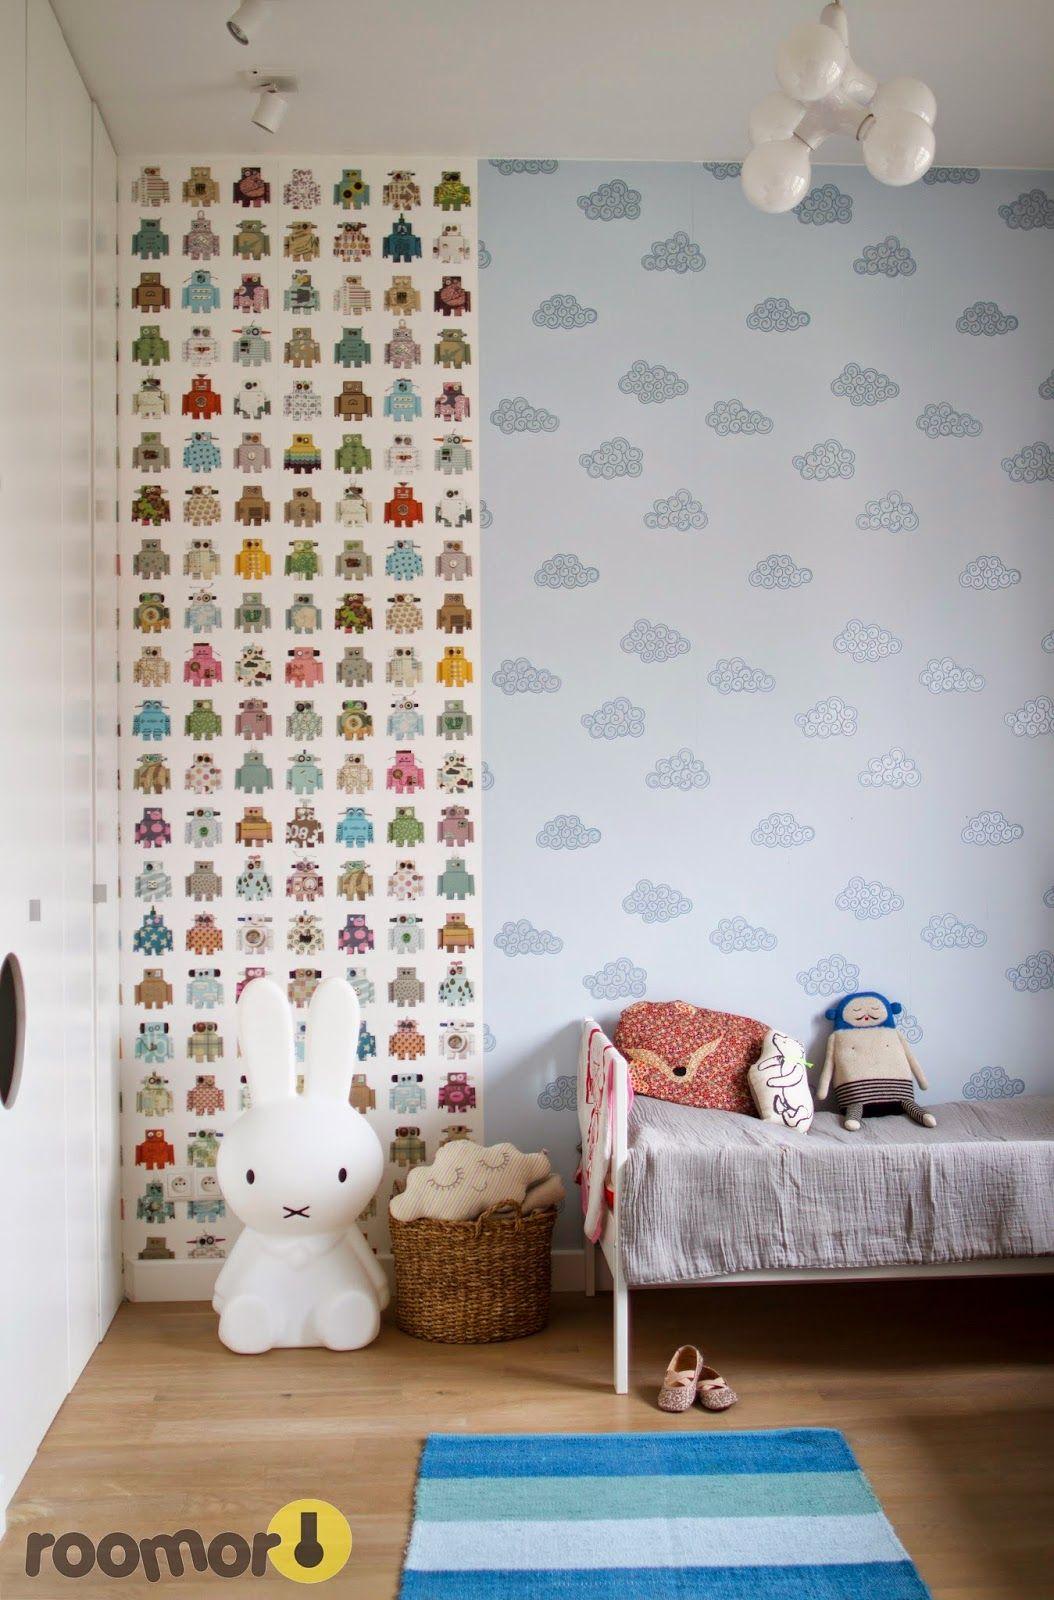 Roomor Wallpaper Kid S Bedroom